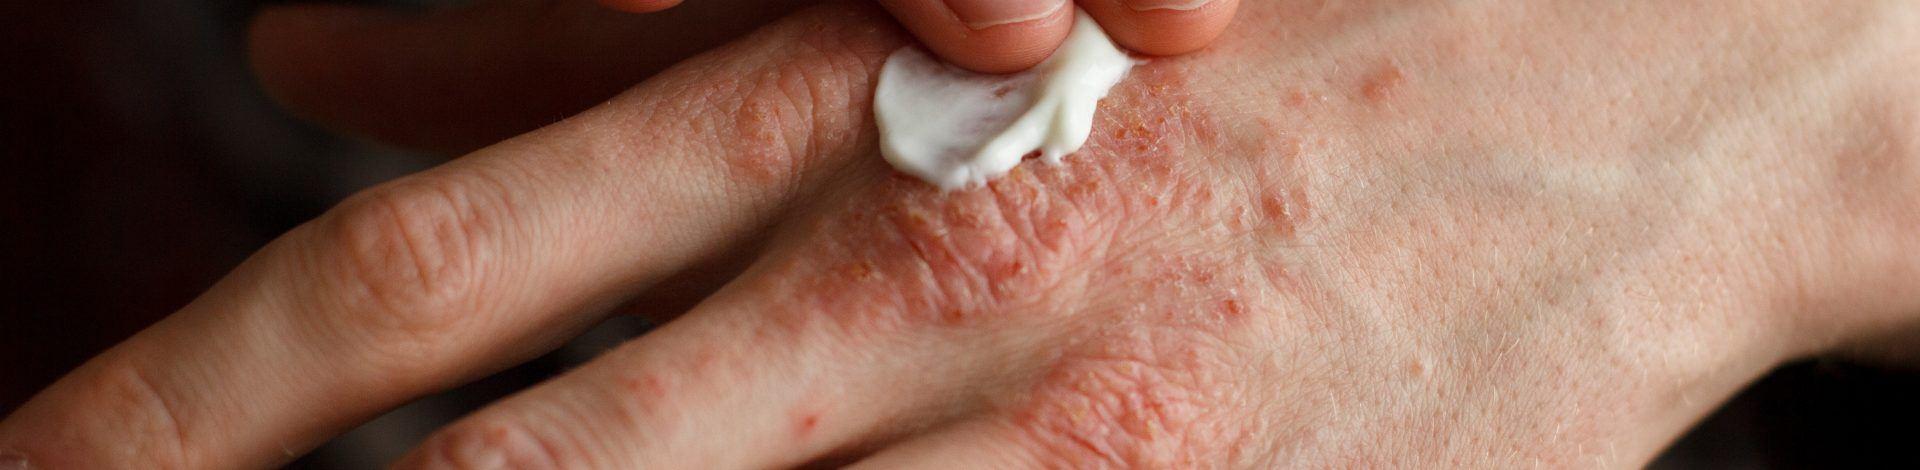 psoriasis lotion